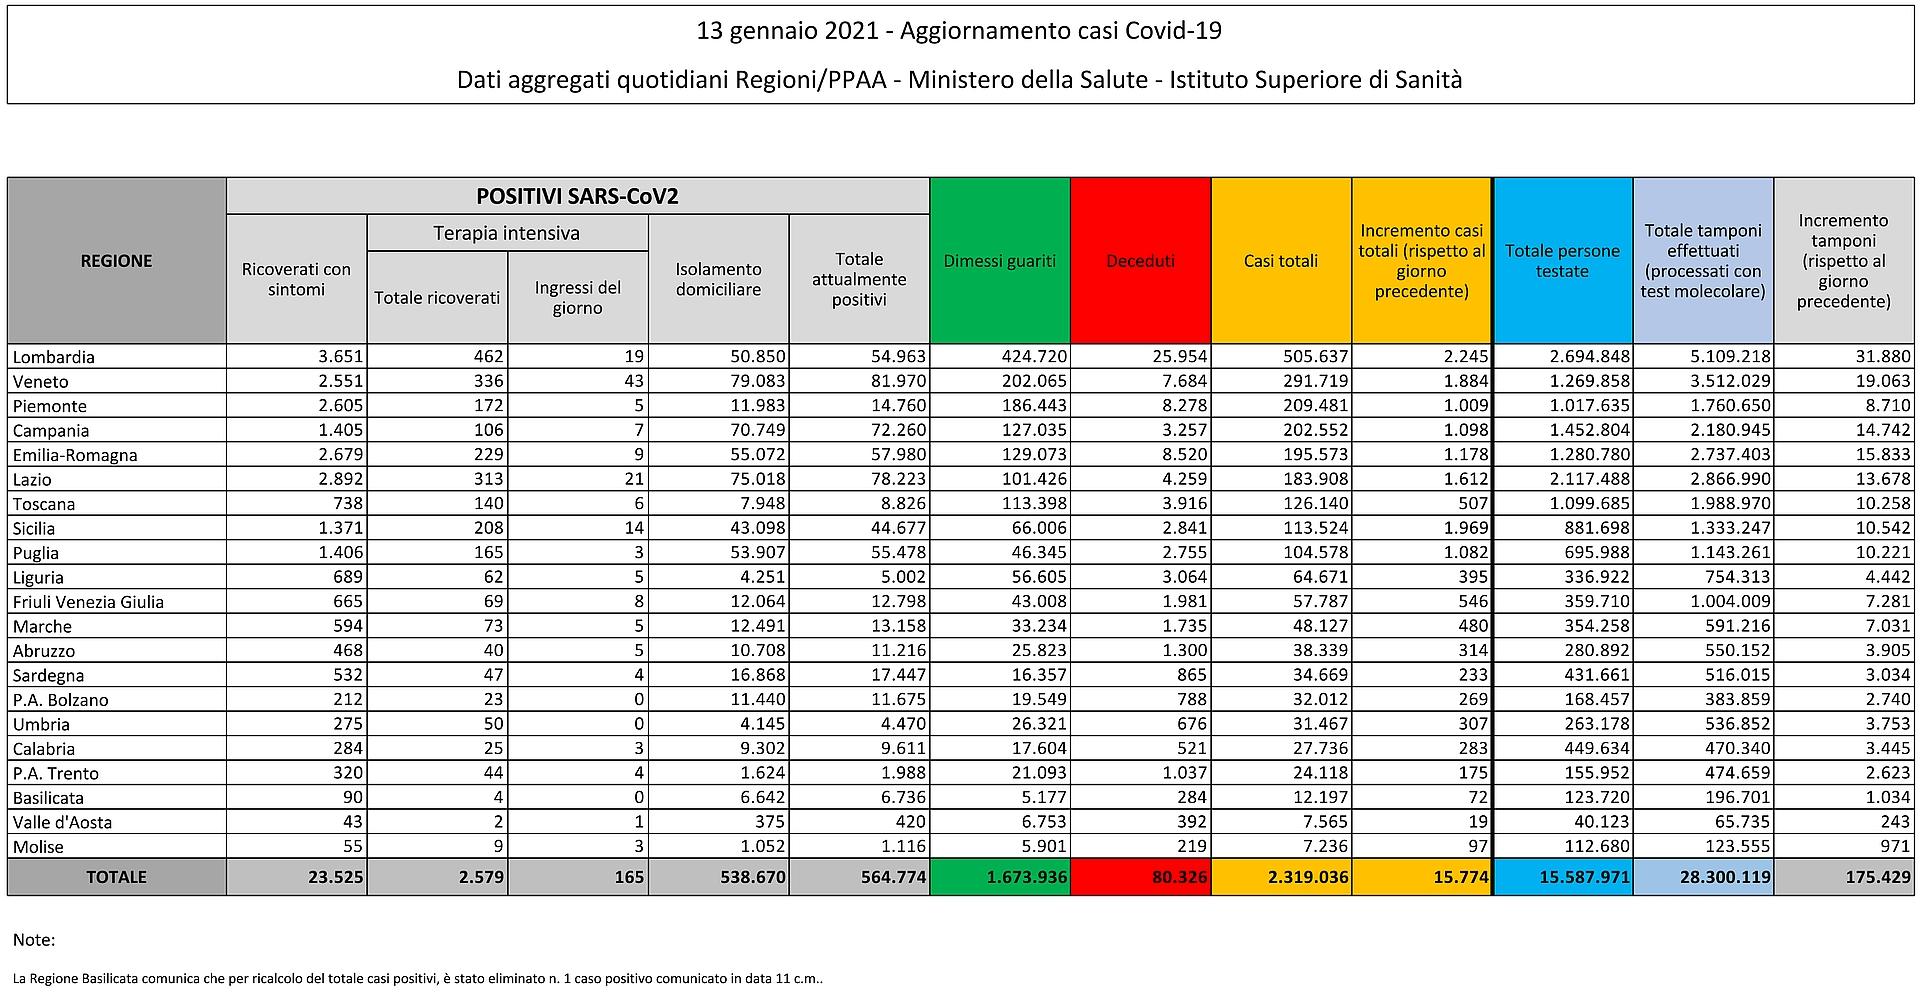 13 gennaio 2021 - Aggiornamento casi Covid-19 Dati aggregati quotidiani Regioni/PPAA - Ministero della Salute - Istituto Superiore di Sanità